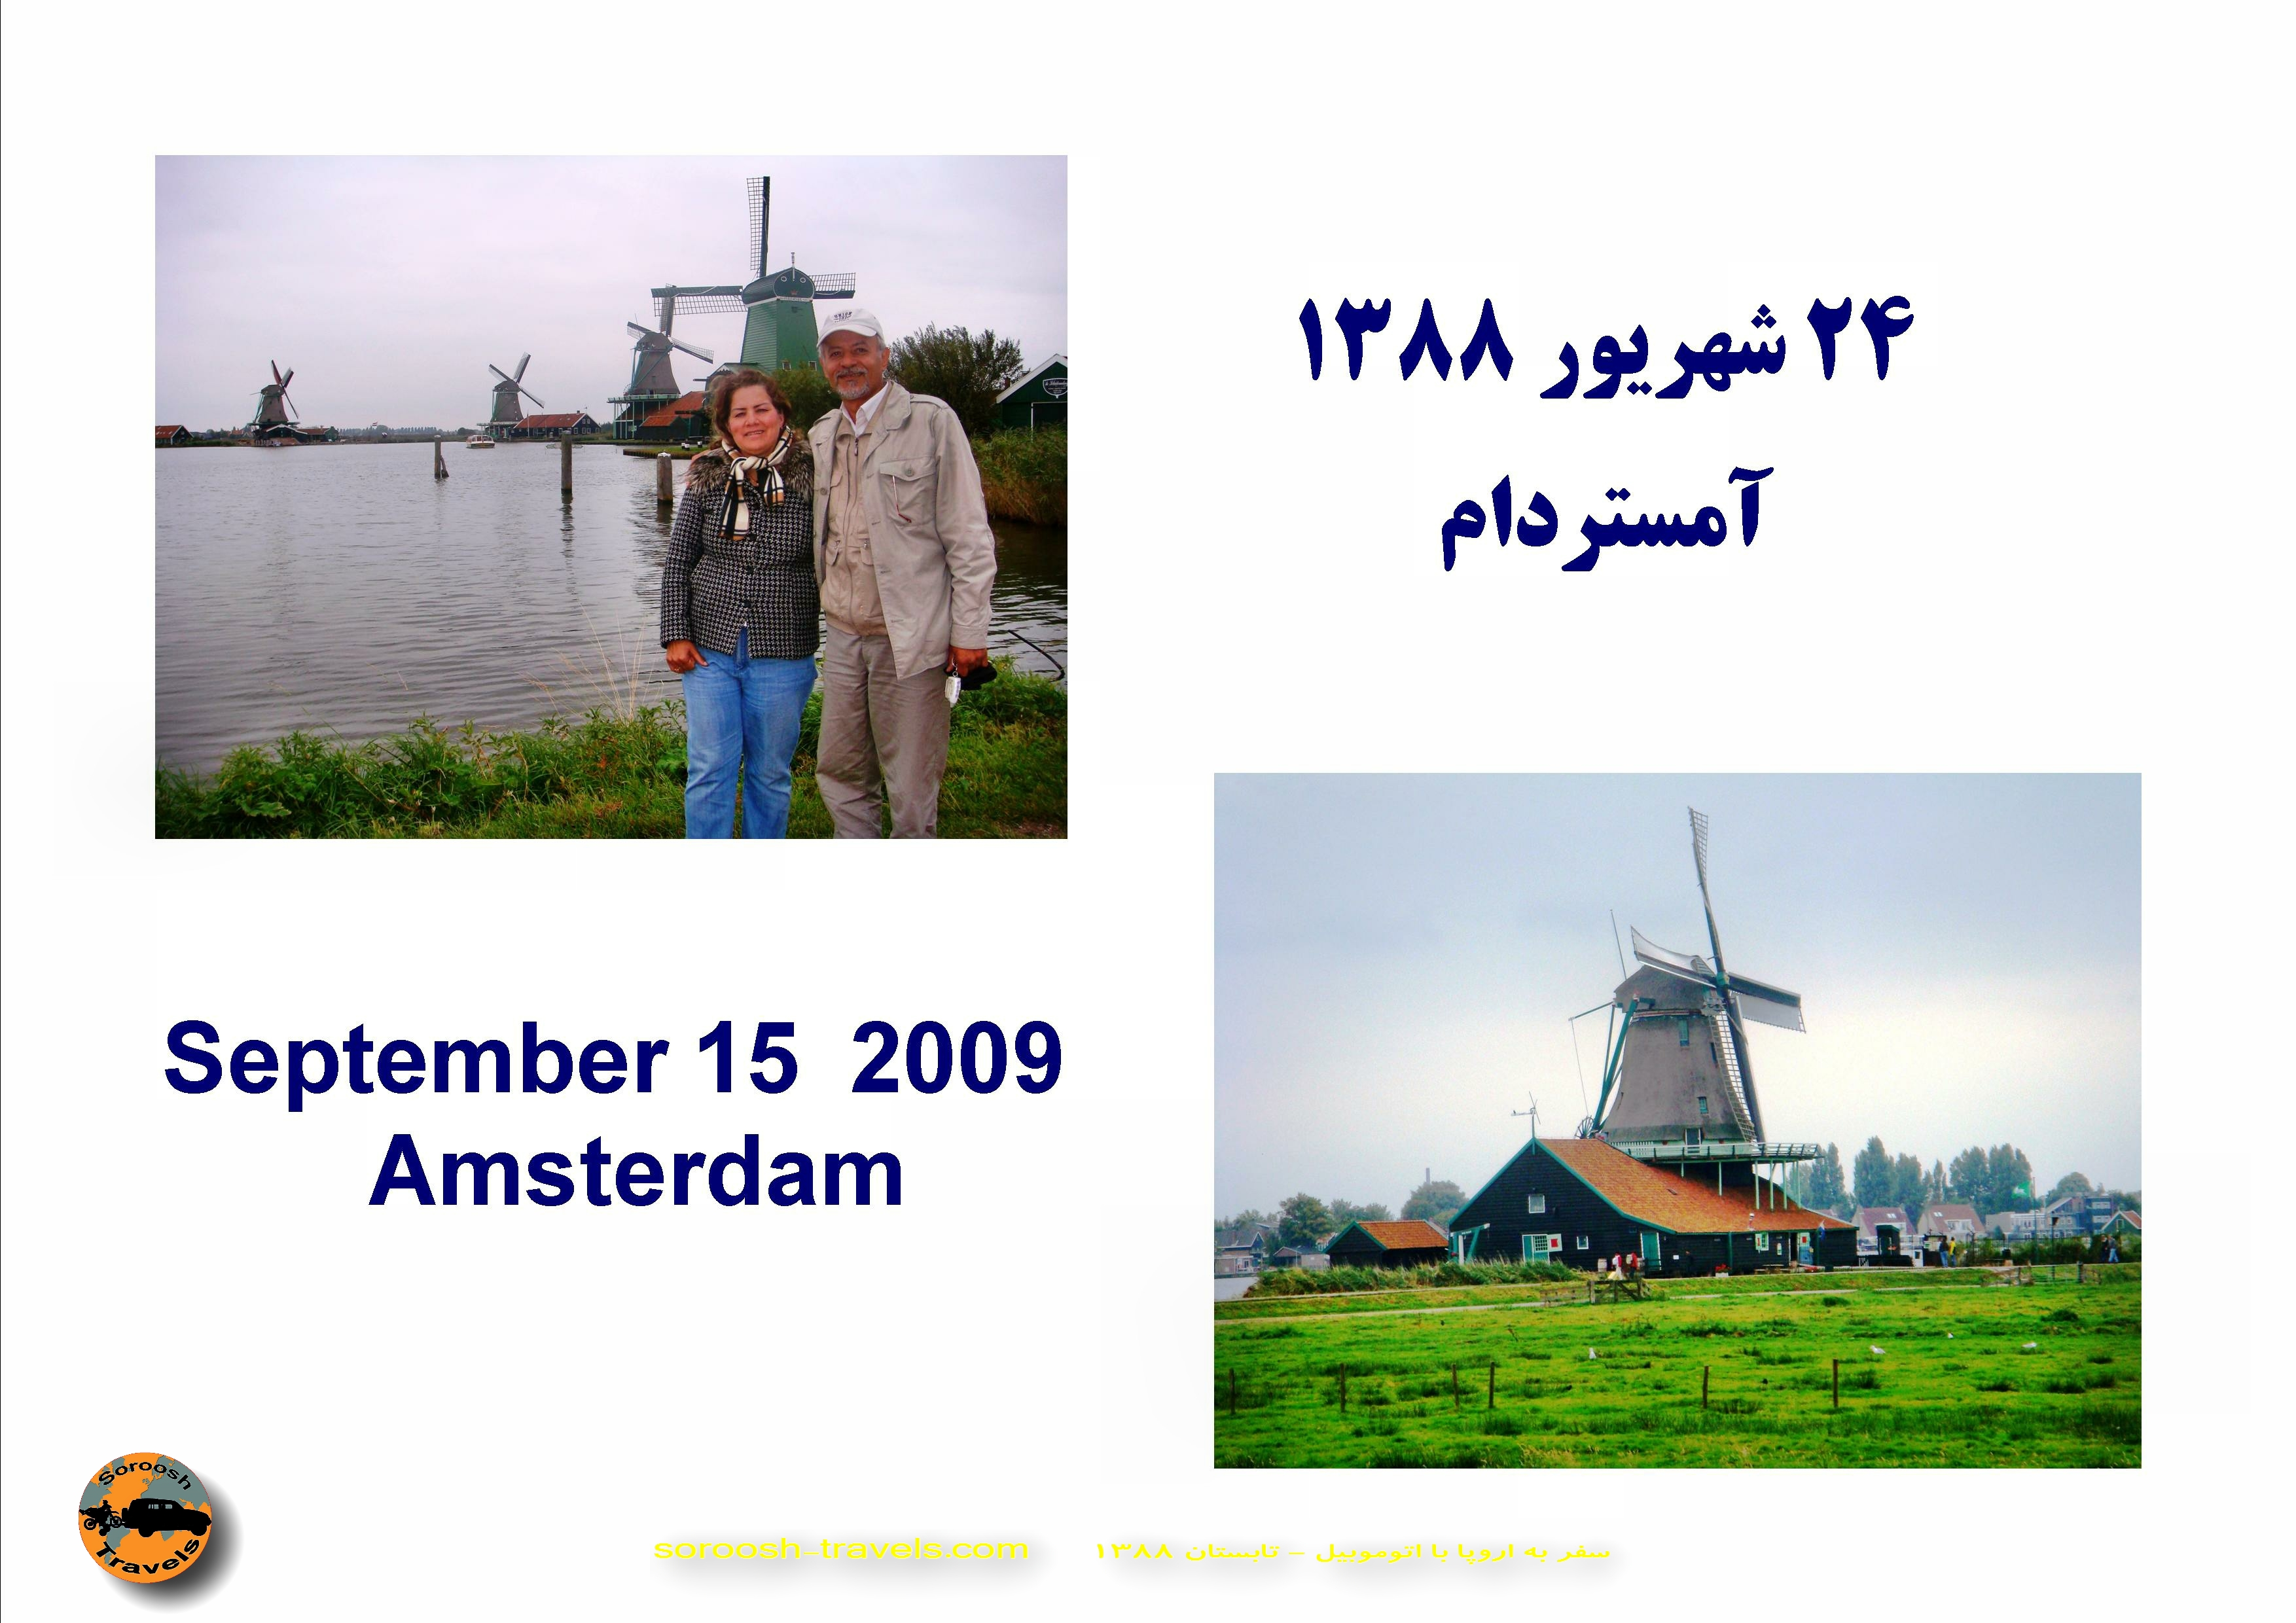 24-shahrivar-1388-15-september-2009-amsterdam-1